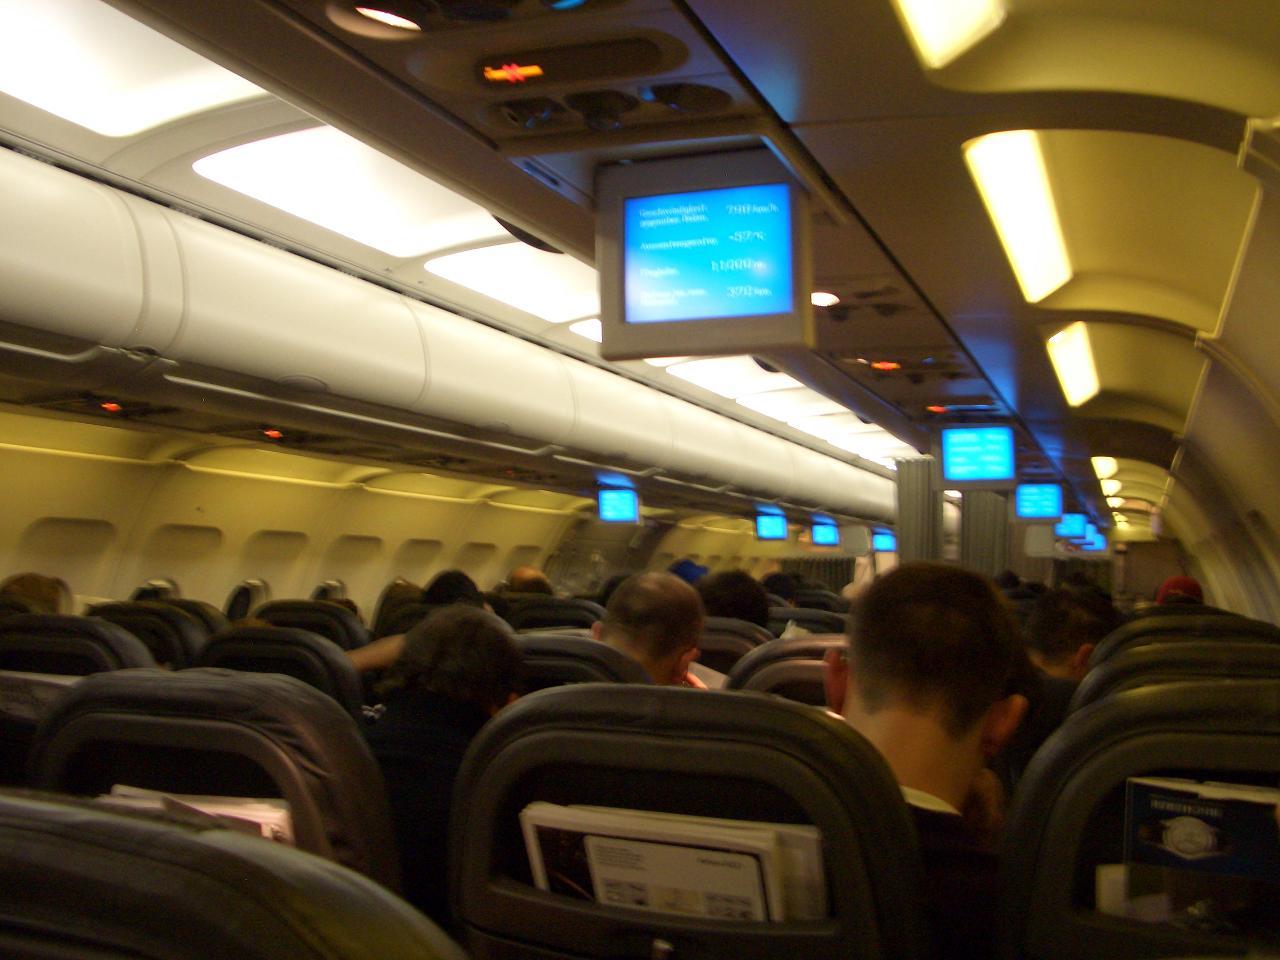 cabin321